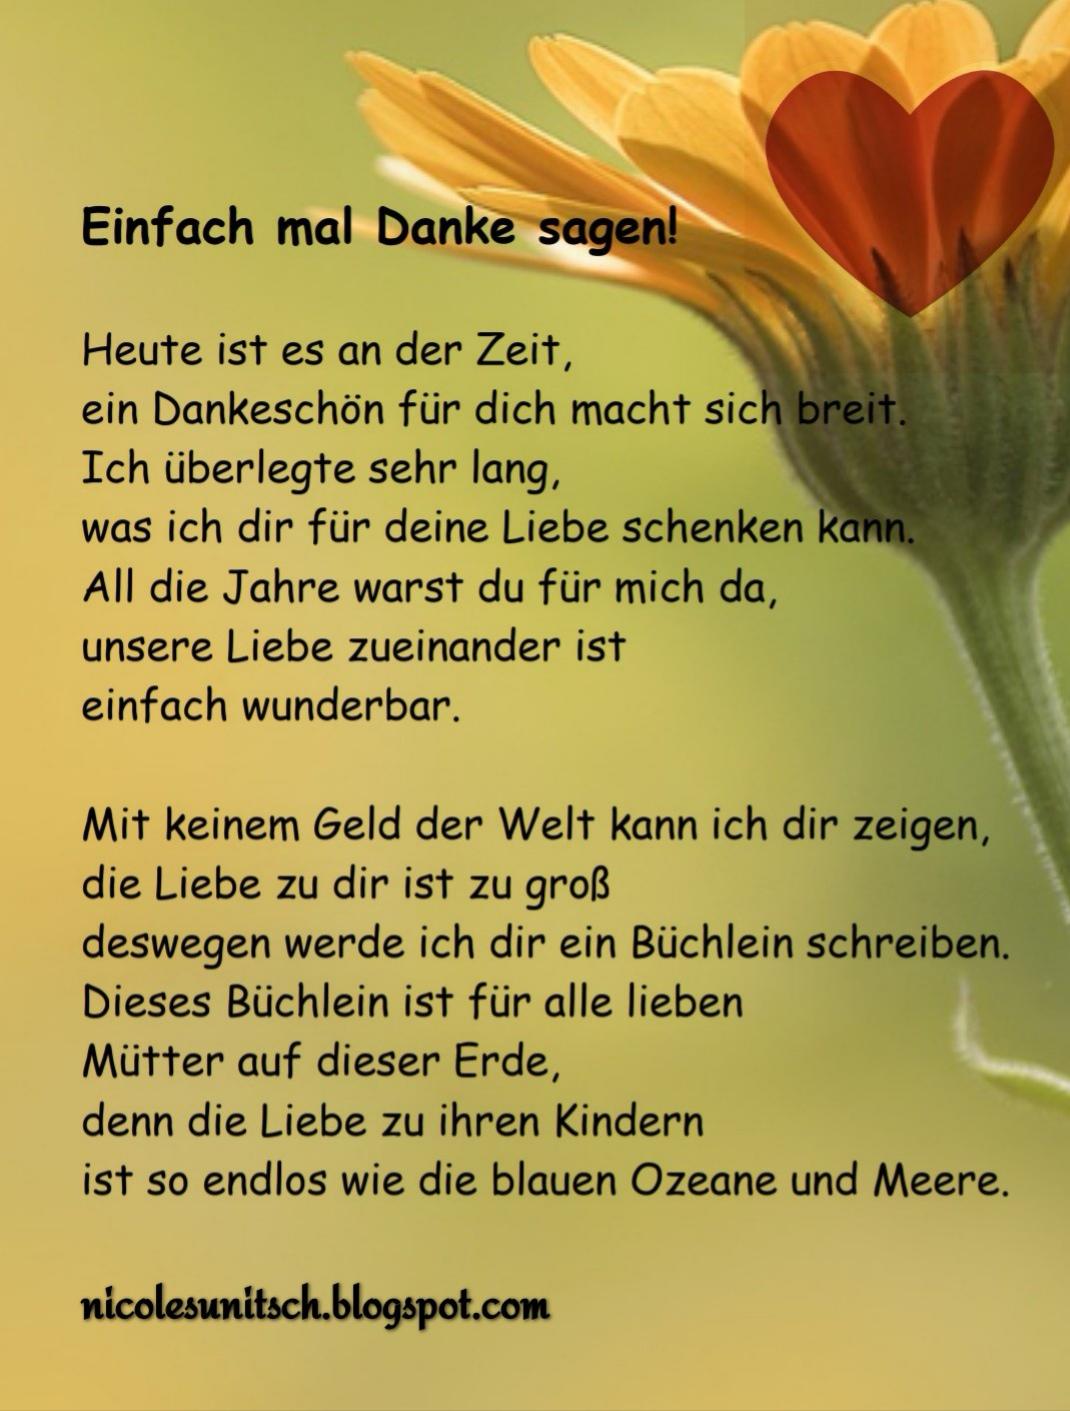 Gedichte Von Nicole Sunitsch Autorin Einfach Mal Danke Sagen